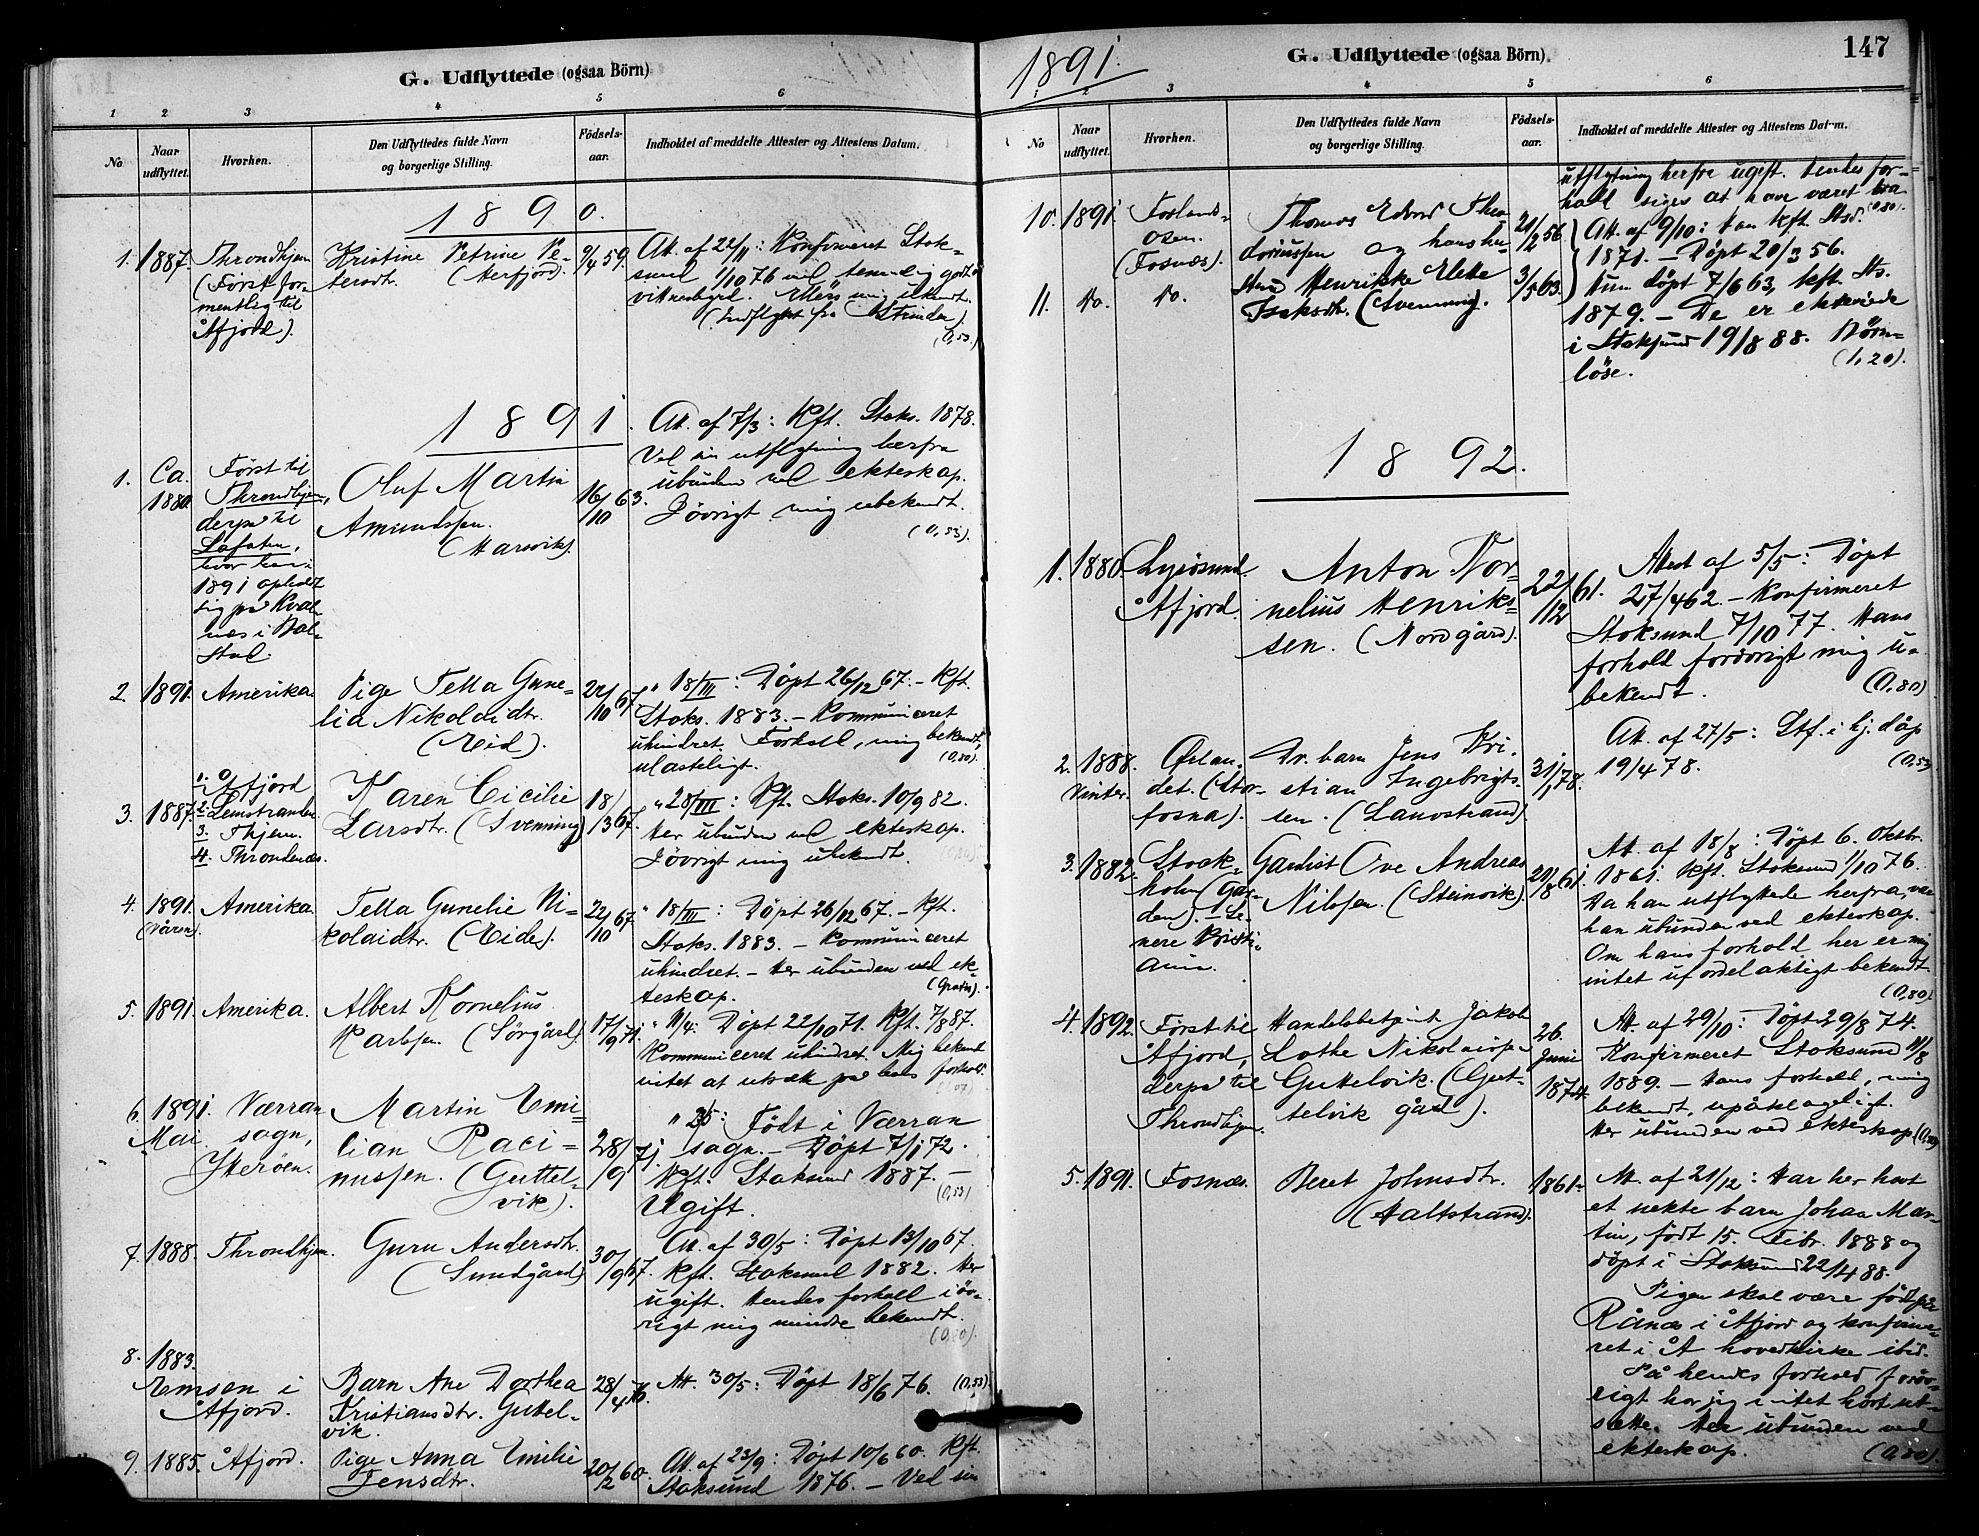 SAT, Ministerialprotokoller, klokkerbøker og fødselsregistre - Sør-Trøndelag, 656/L0692: Ministerialbok nr. 656A01, 1879-1893, s. 147